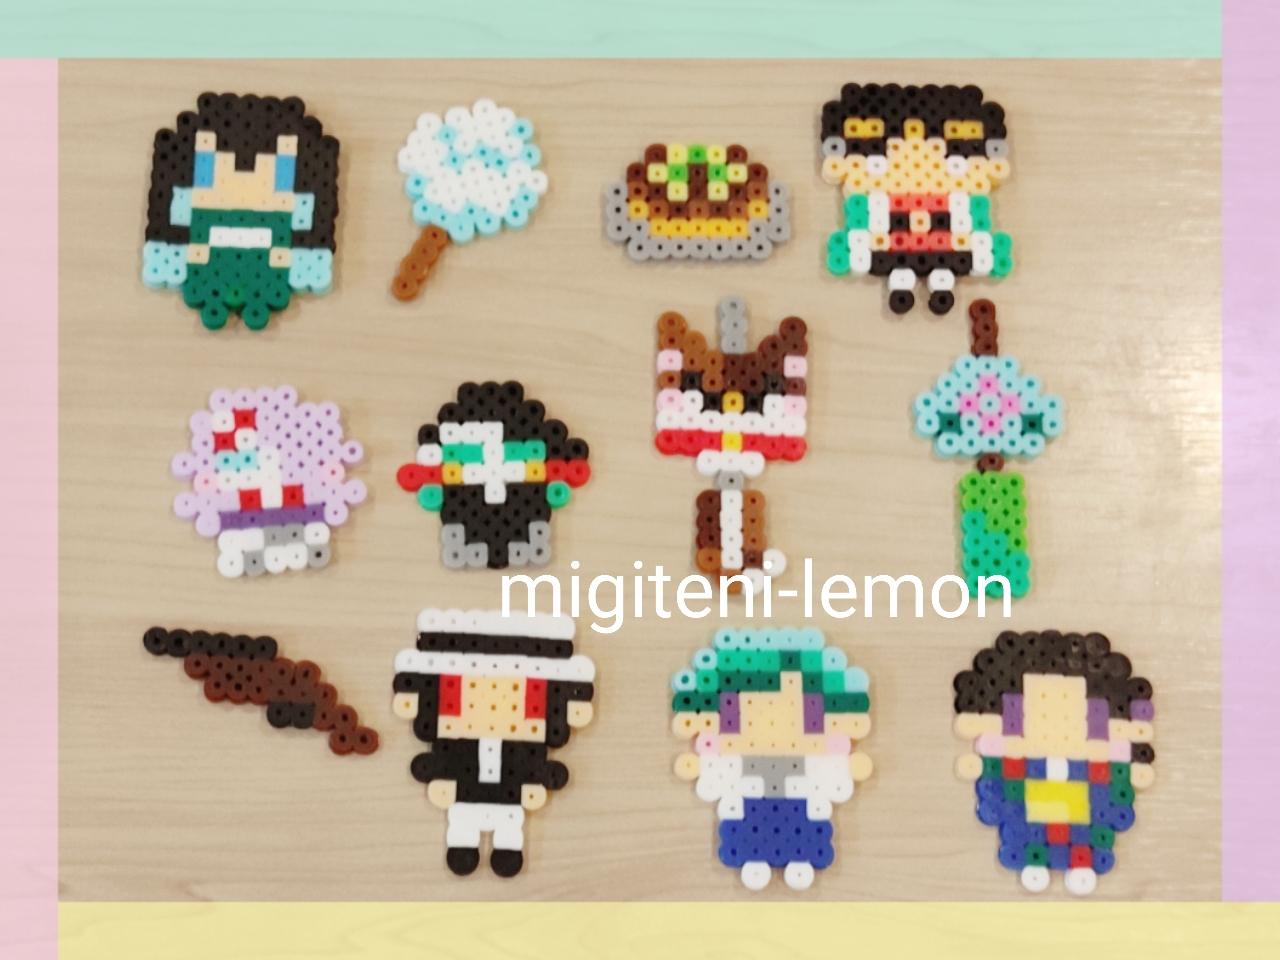 summer-matsuri-kimetsu-yatai-handmade-beads